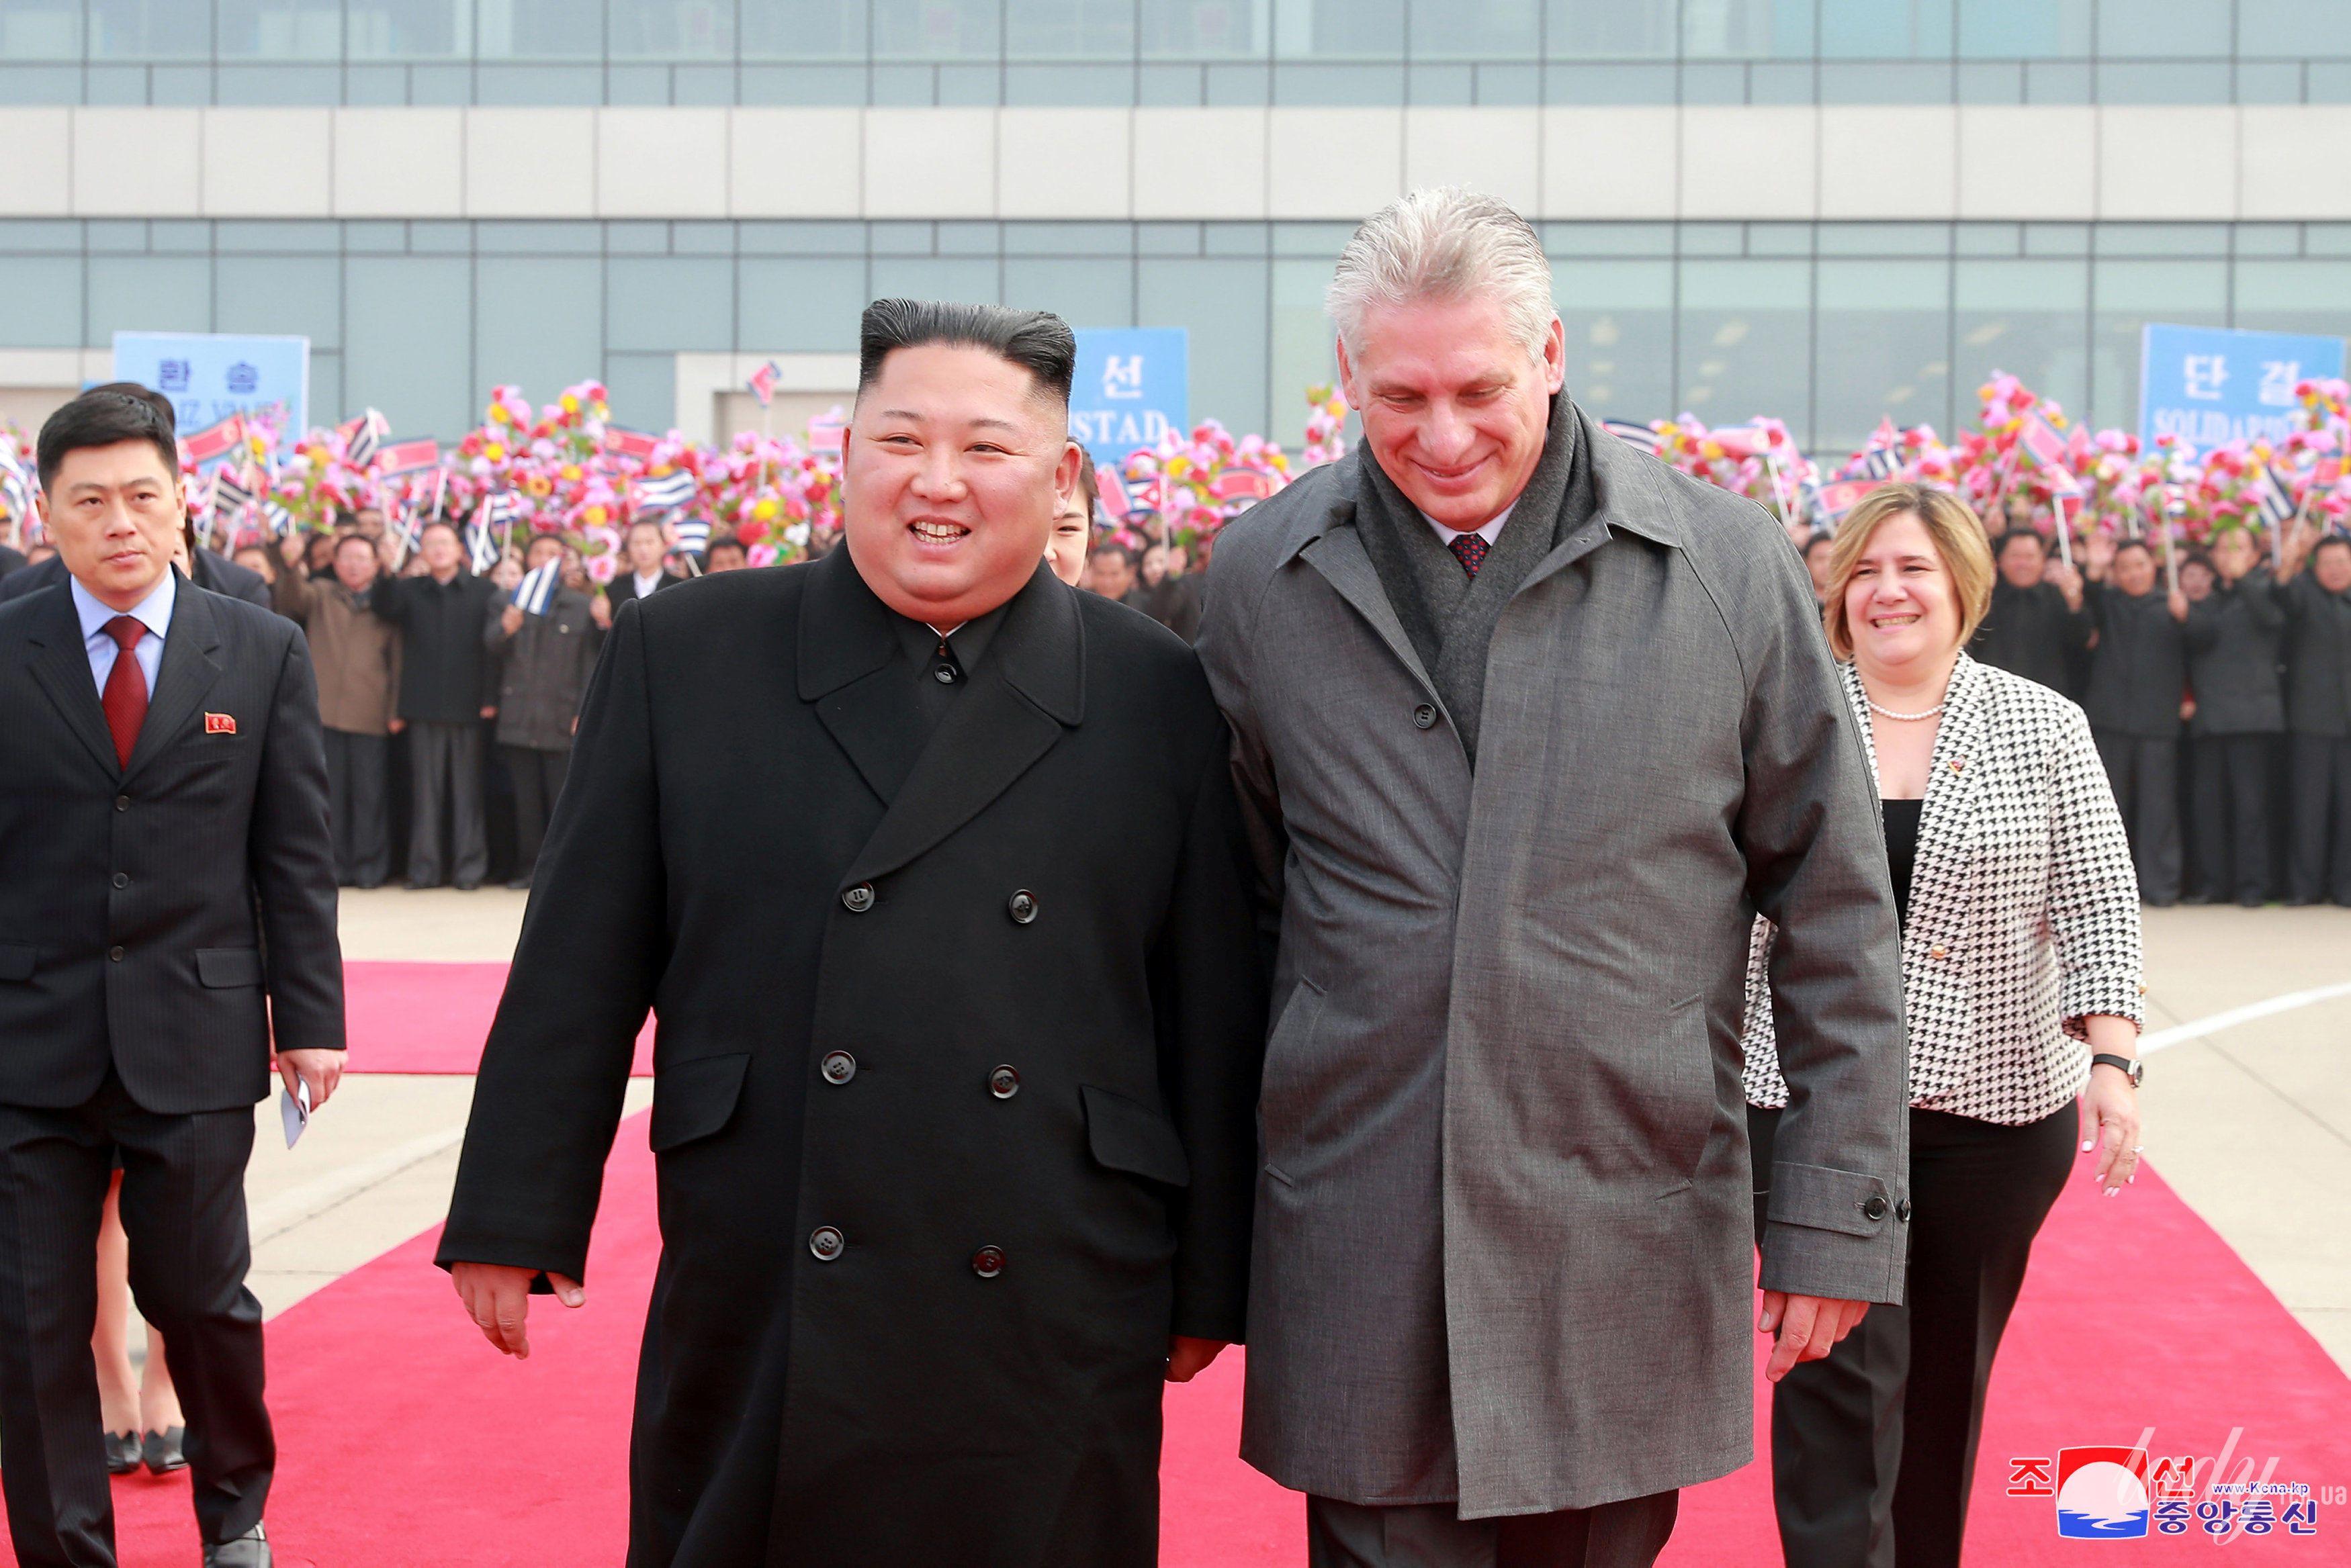 Президент Кубы с женой и лидер КНДР с супругой_5